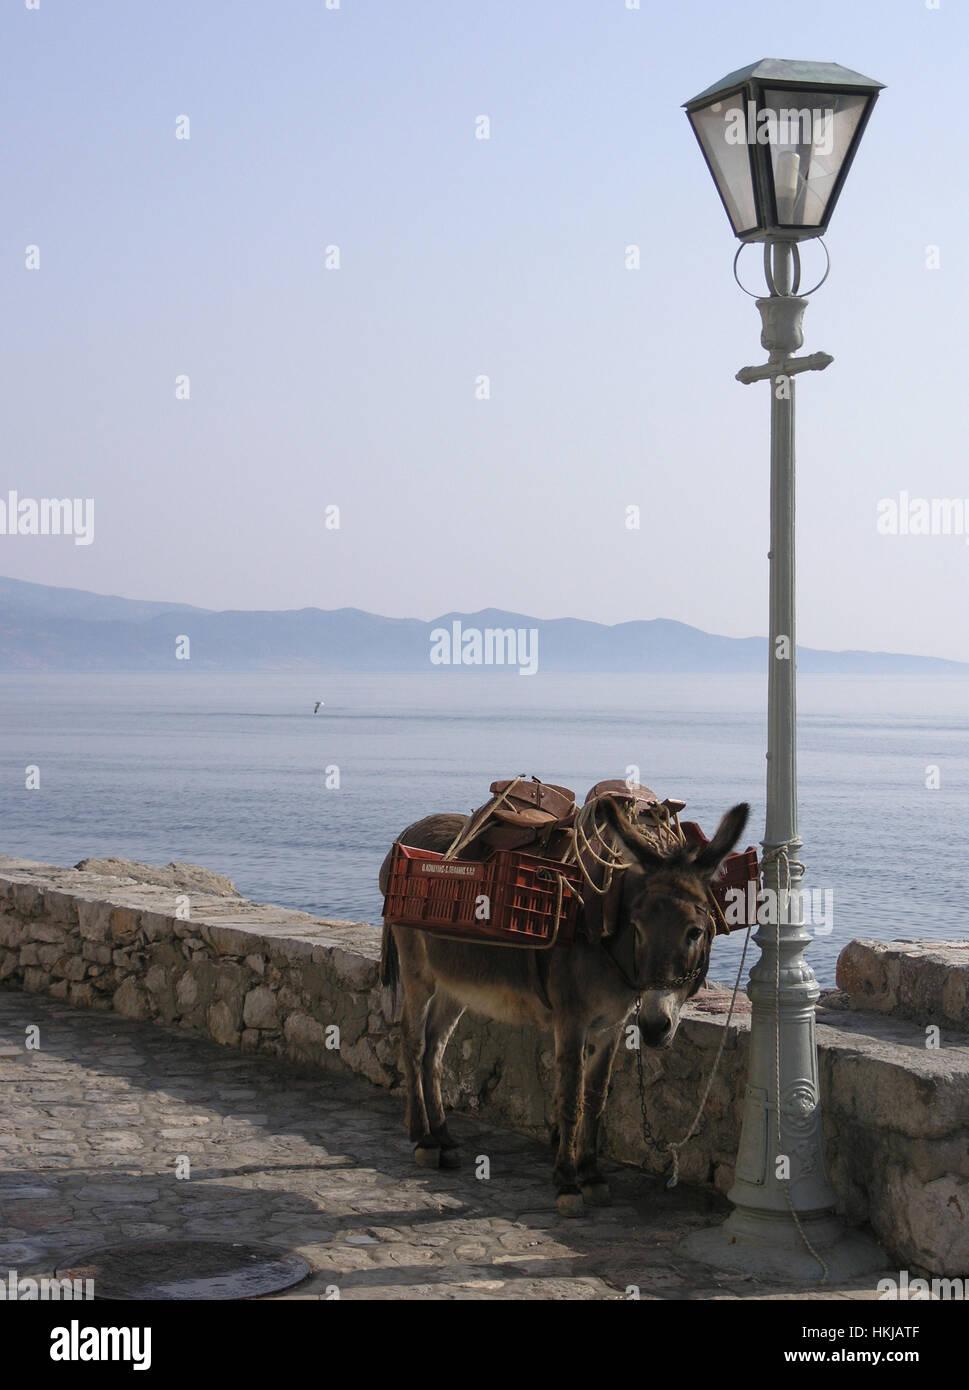 Greece donkey tied to a lantern Hydra Saronic island Greece - Stock Image